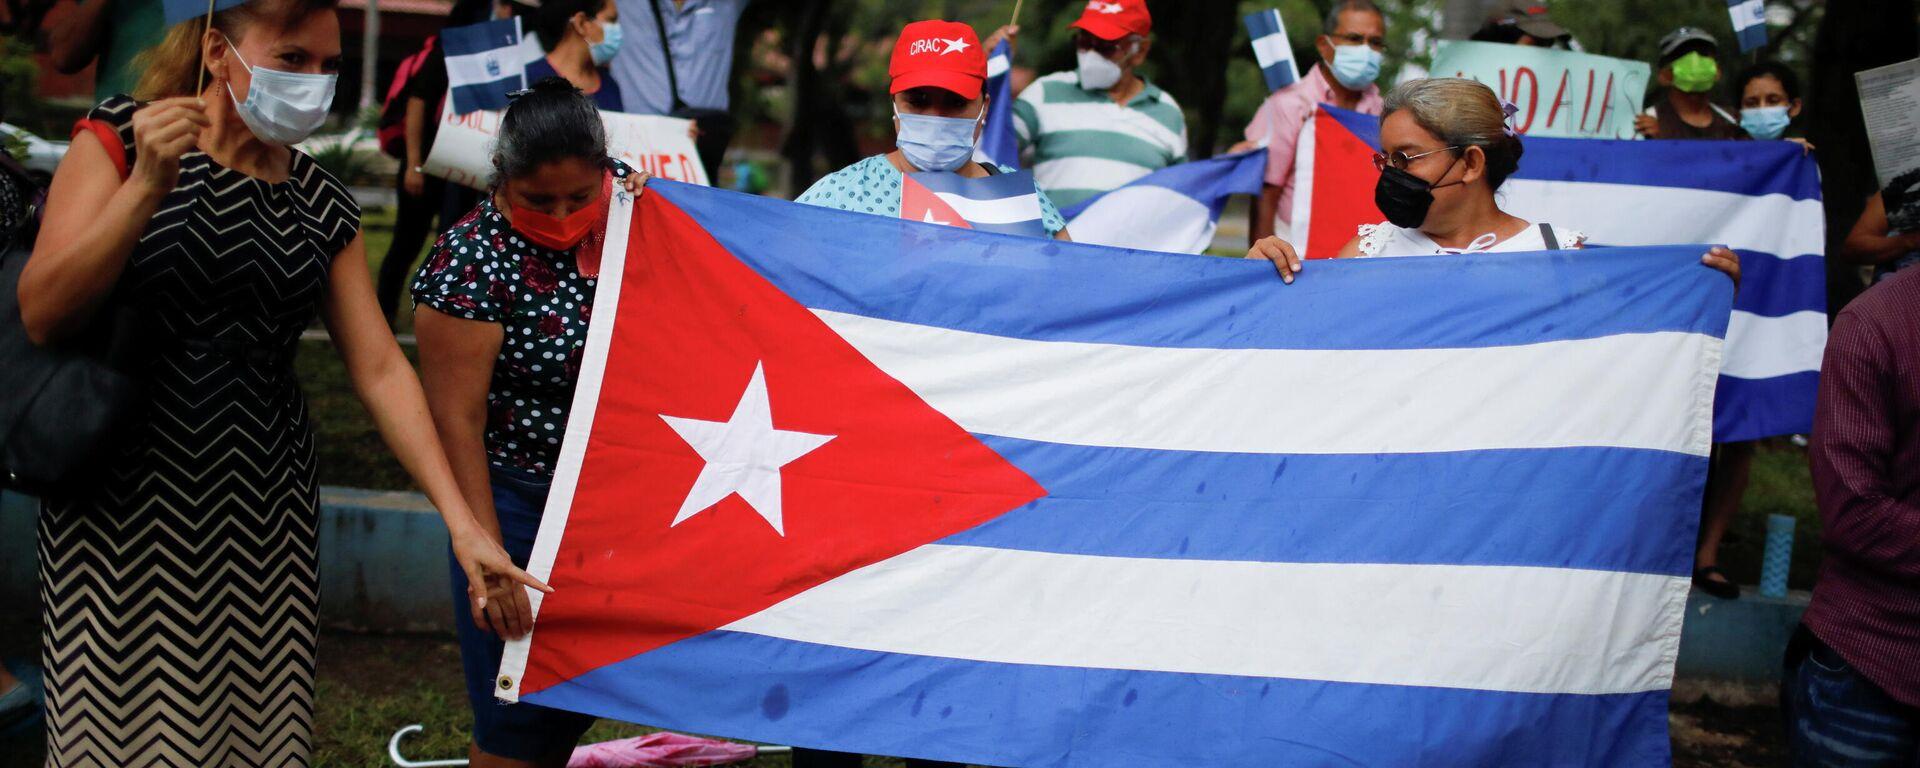 Una demonstración en apoyo del Gobierno de Cuba - Sputnik Mundo, 1920, 14.07.2021